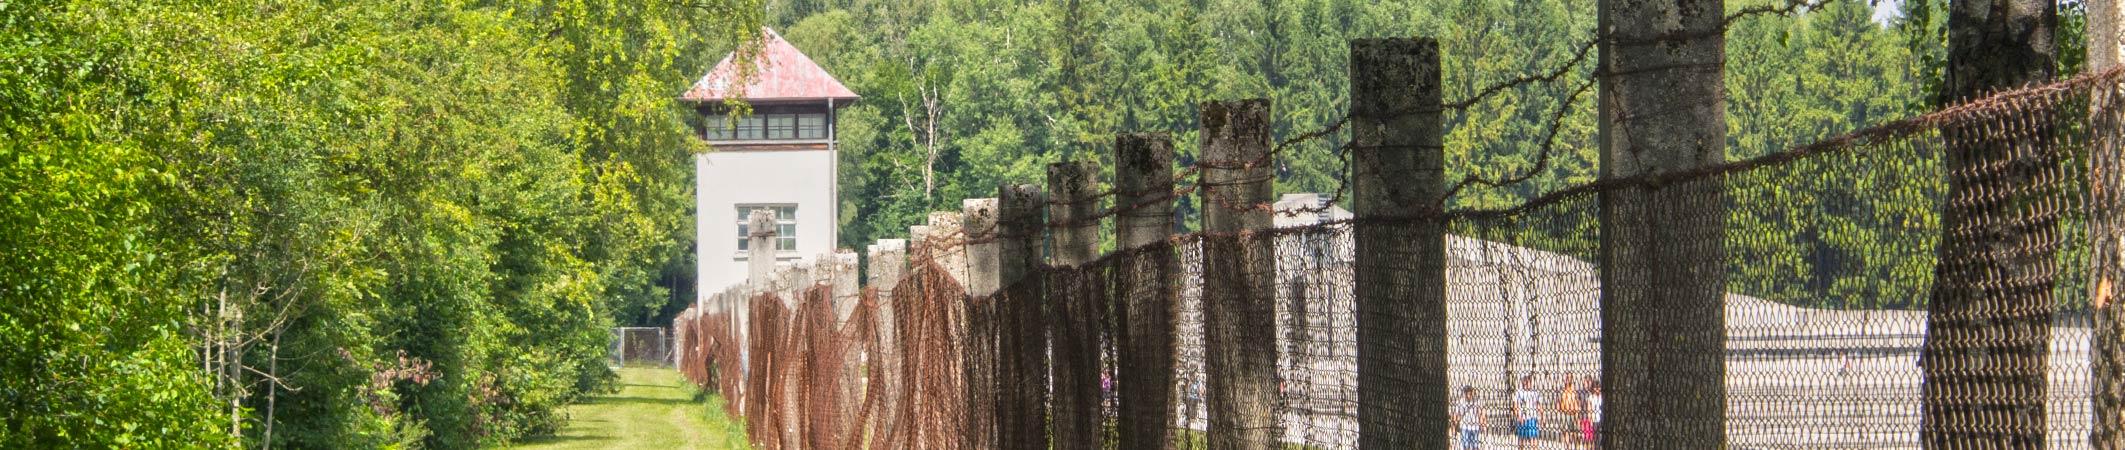 Führungen in Dachau, München und im Landkreis